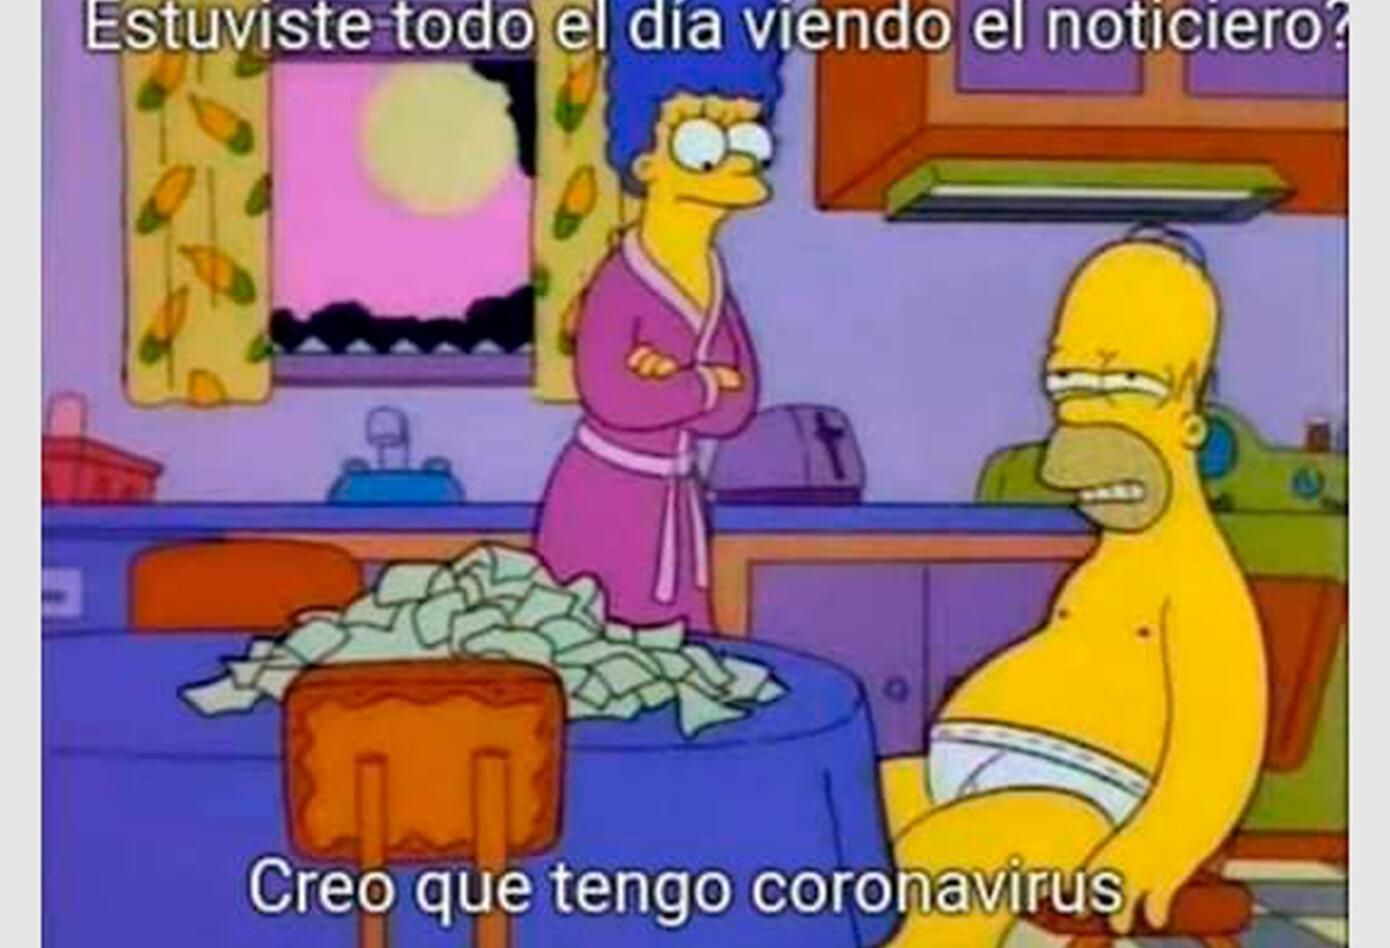 Se Tatuo Ella Misma A Homero Simpson Impulsada Por El Aburrimiento